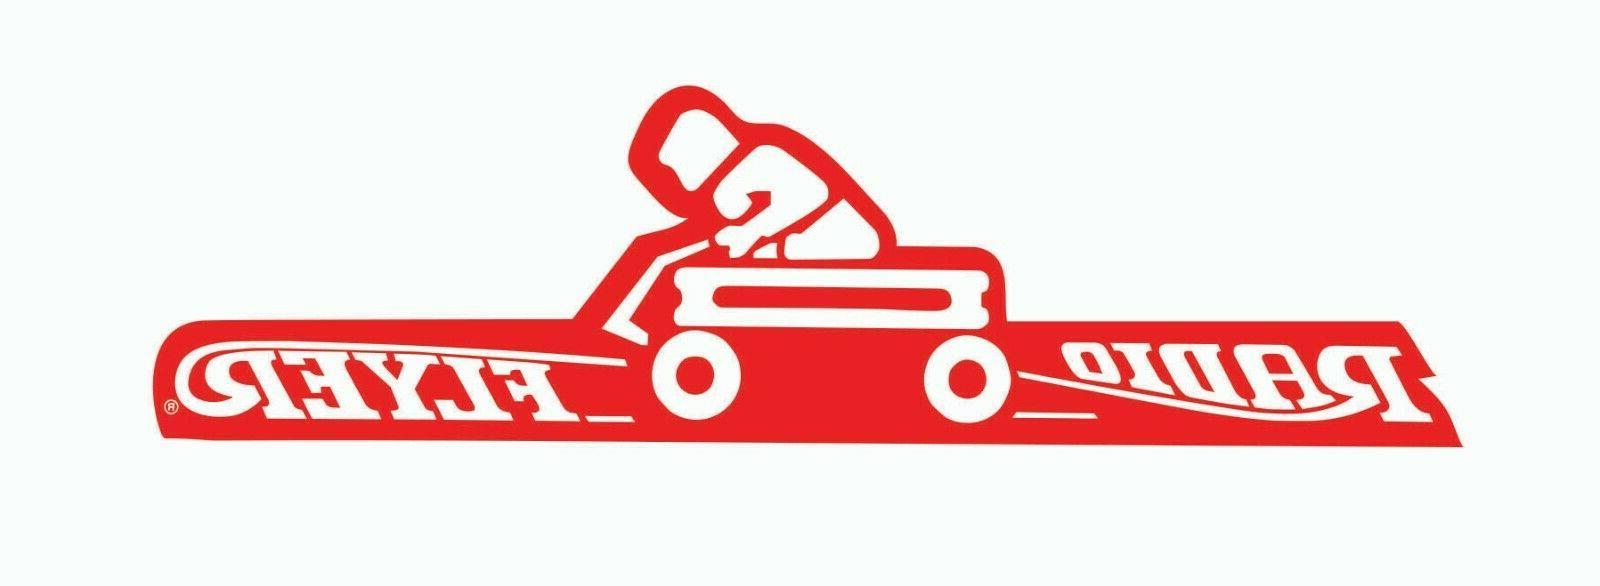 radio flyer little red wagon sticker vinyl